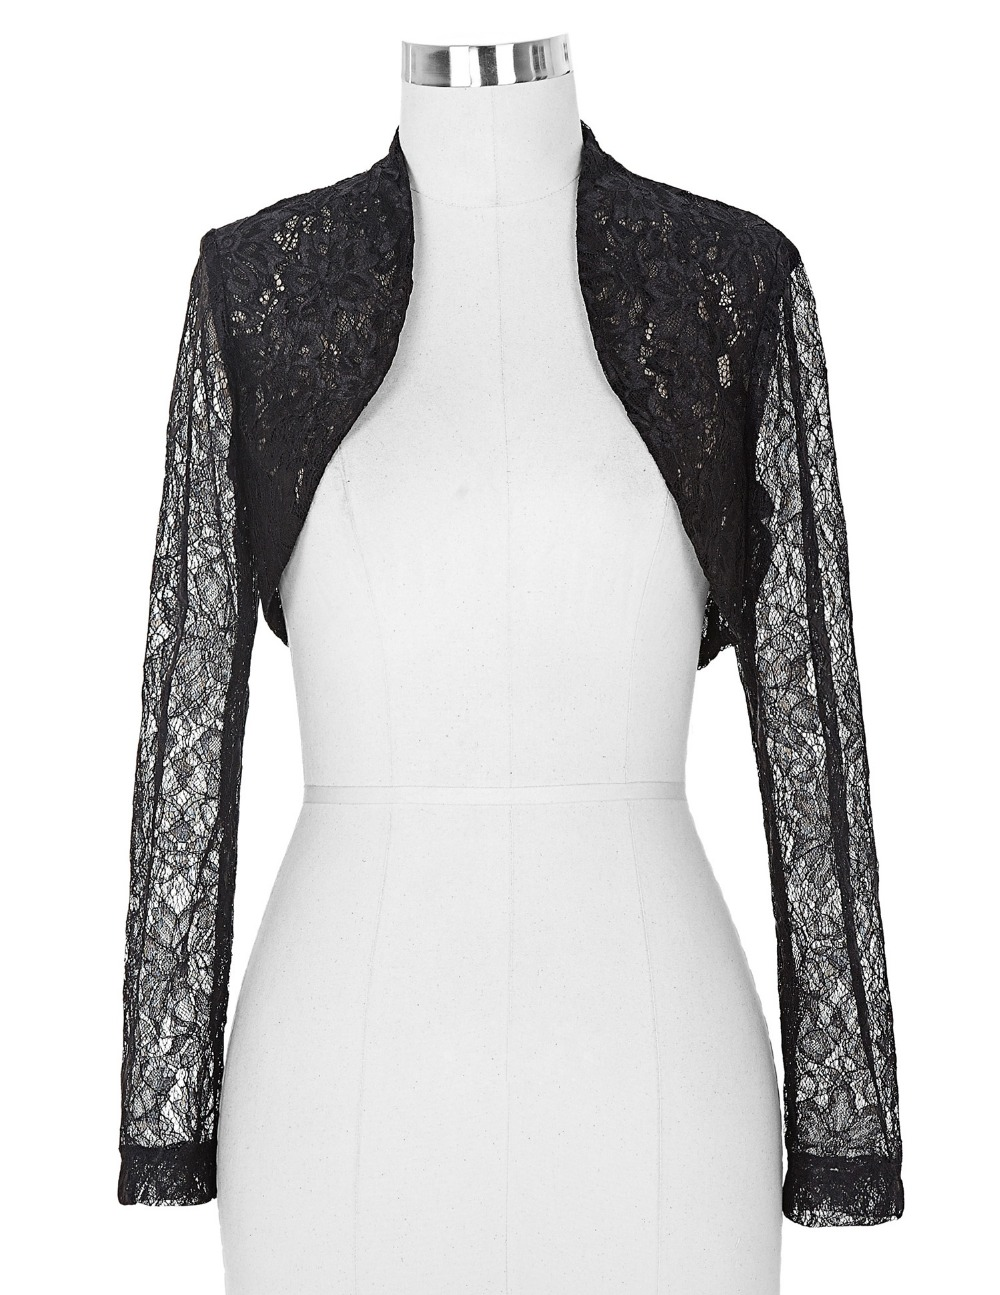 Women Jacket Black White Lace Shrug Bolero Wedding Jackets Long ...